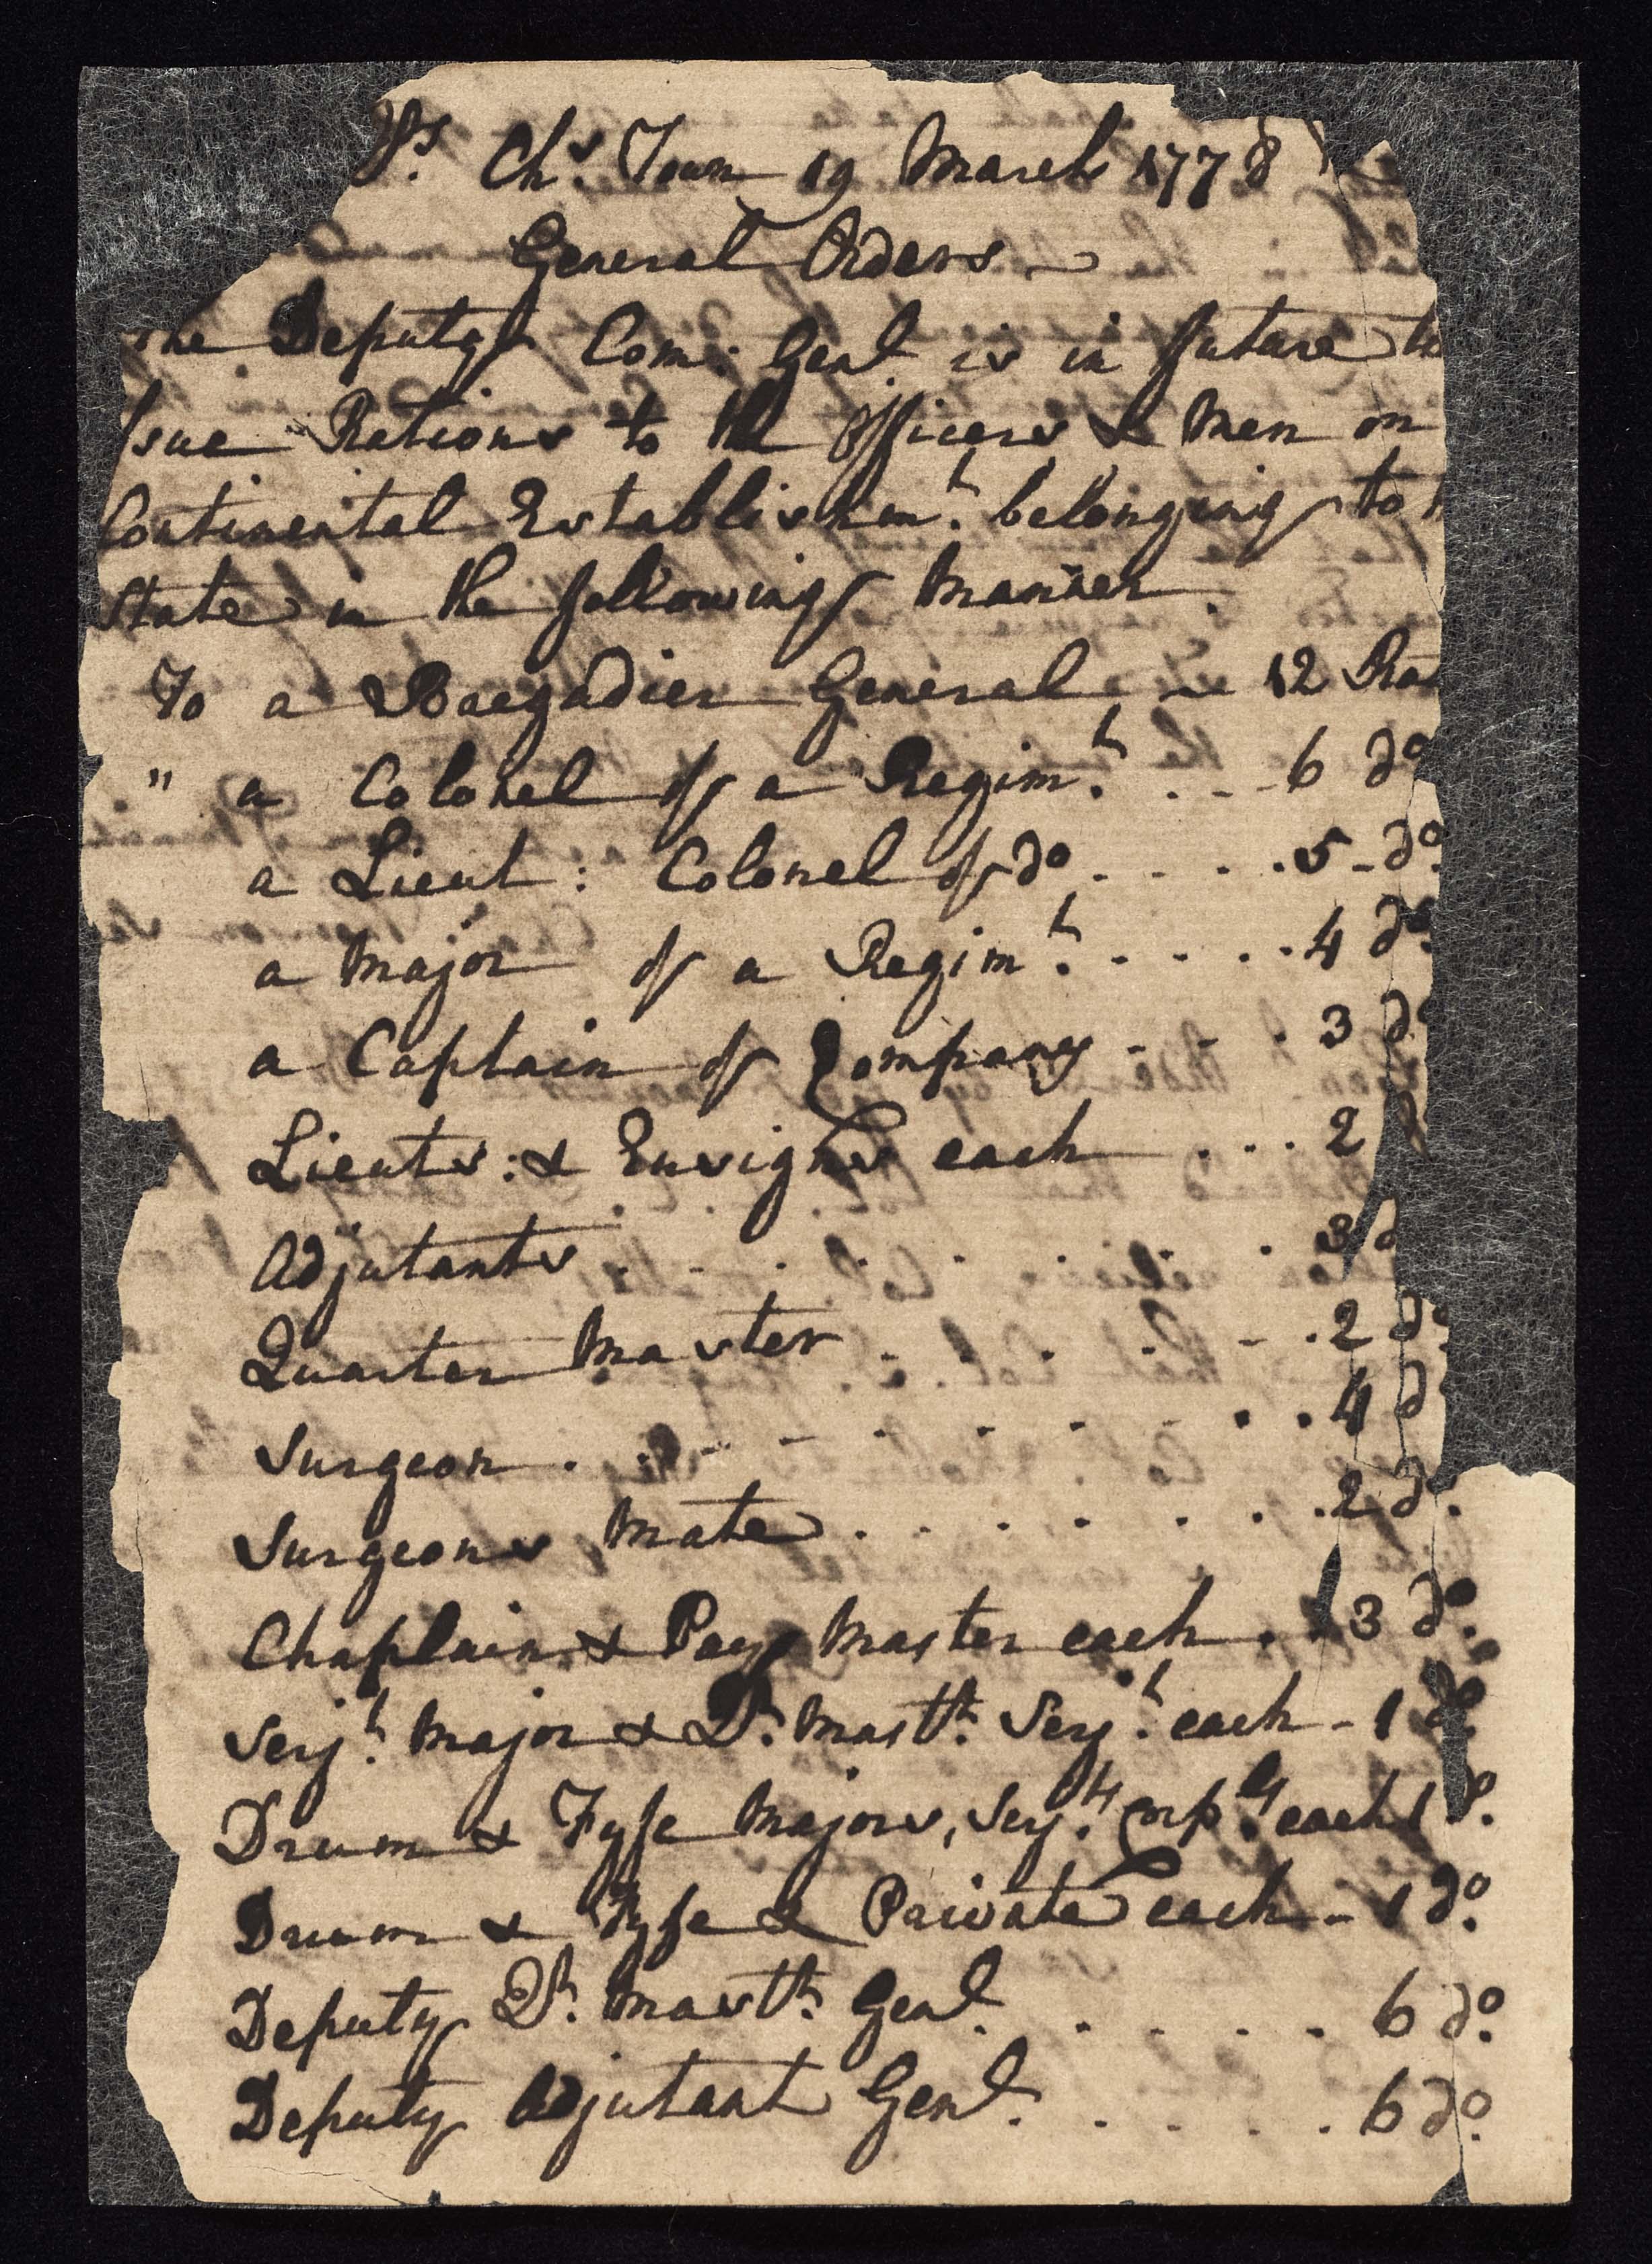 South Carolina Regiment Order Book, Page 204